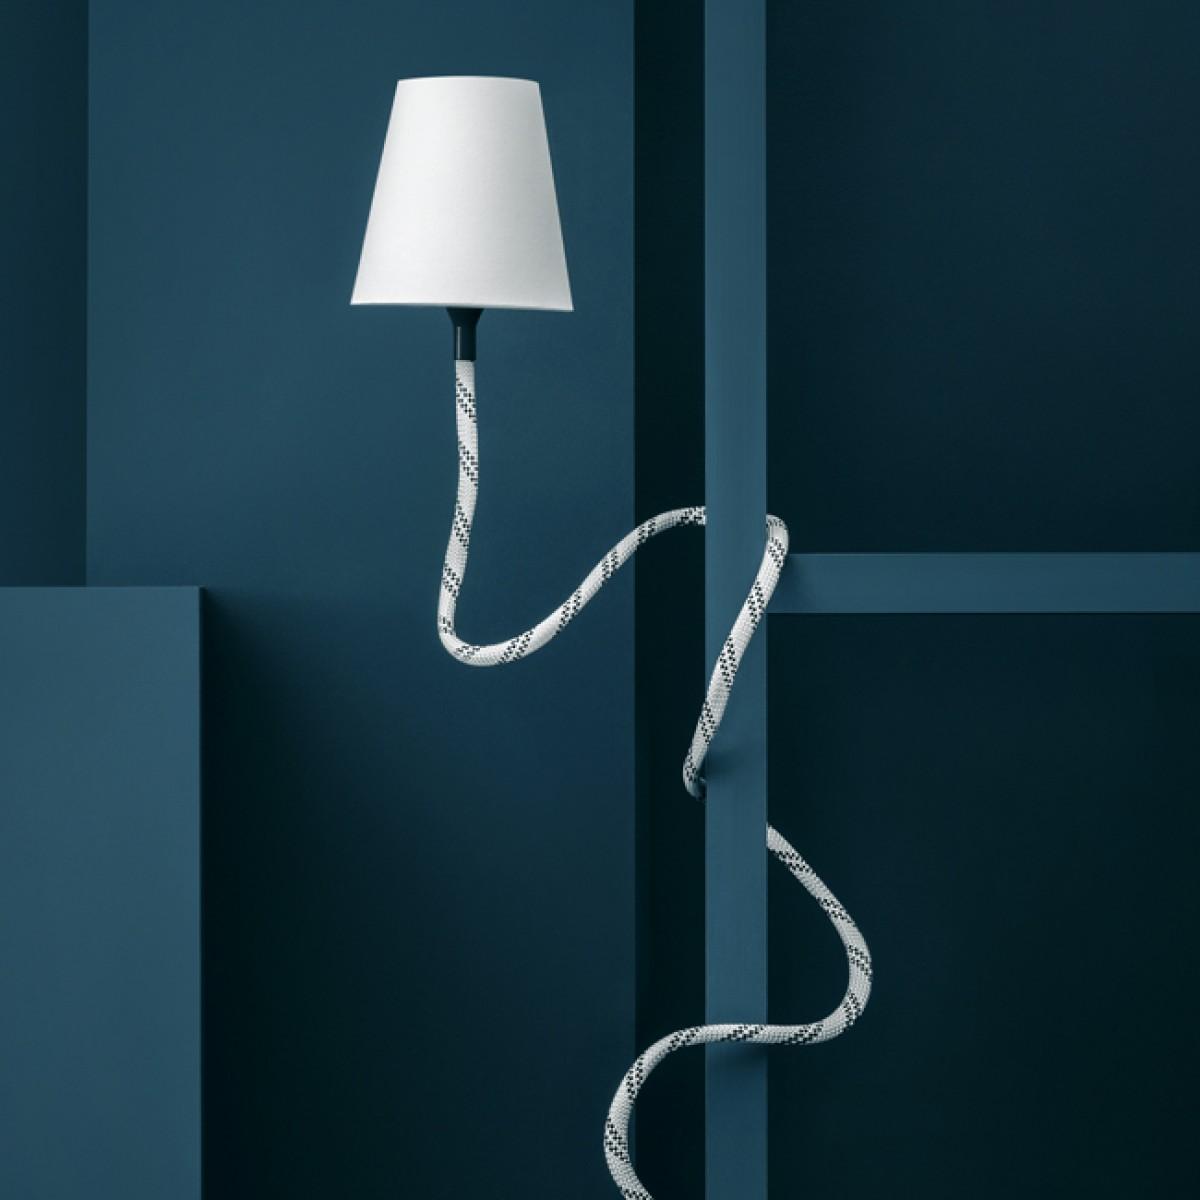 son of nils Climbing Lamp (grün/blau / weiss)